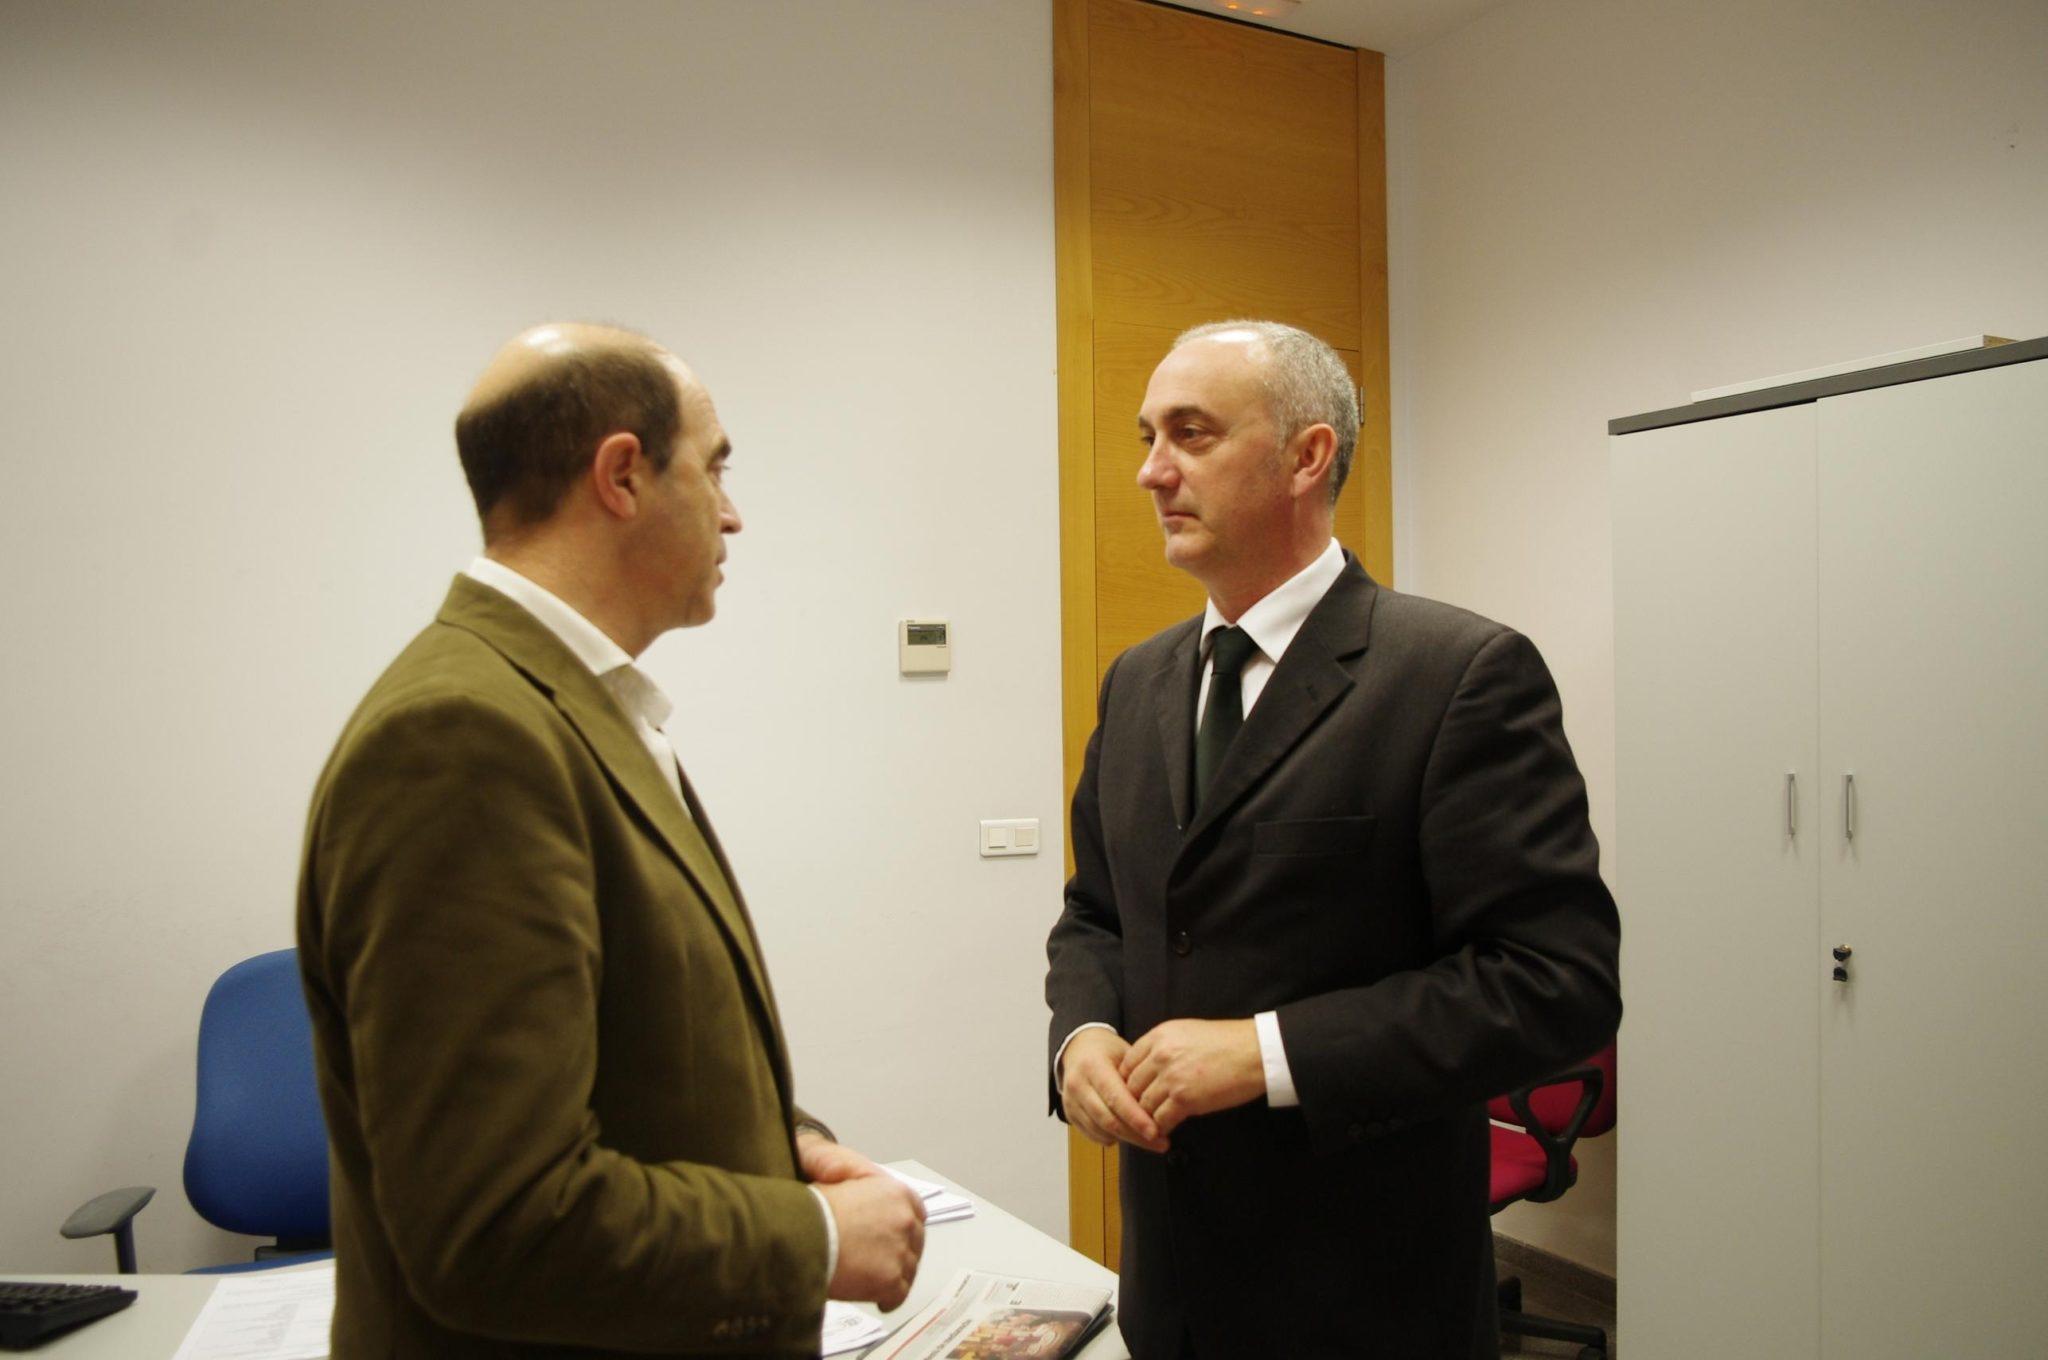 Enrique ort confirma el correcto funcionamiento del for Juzgado de moncada